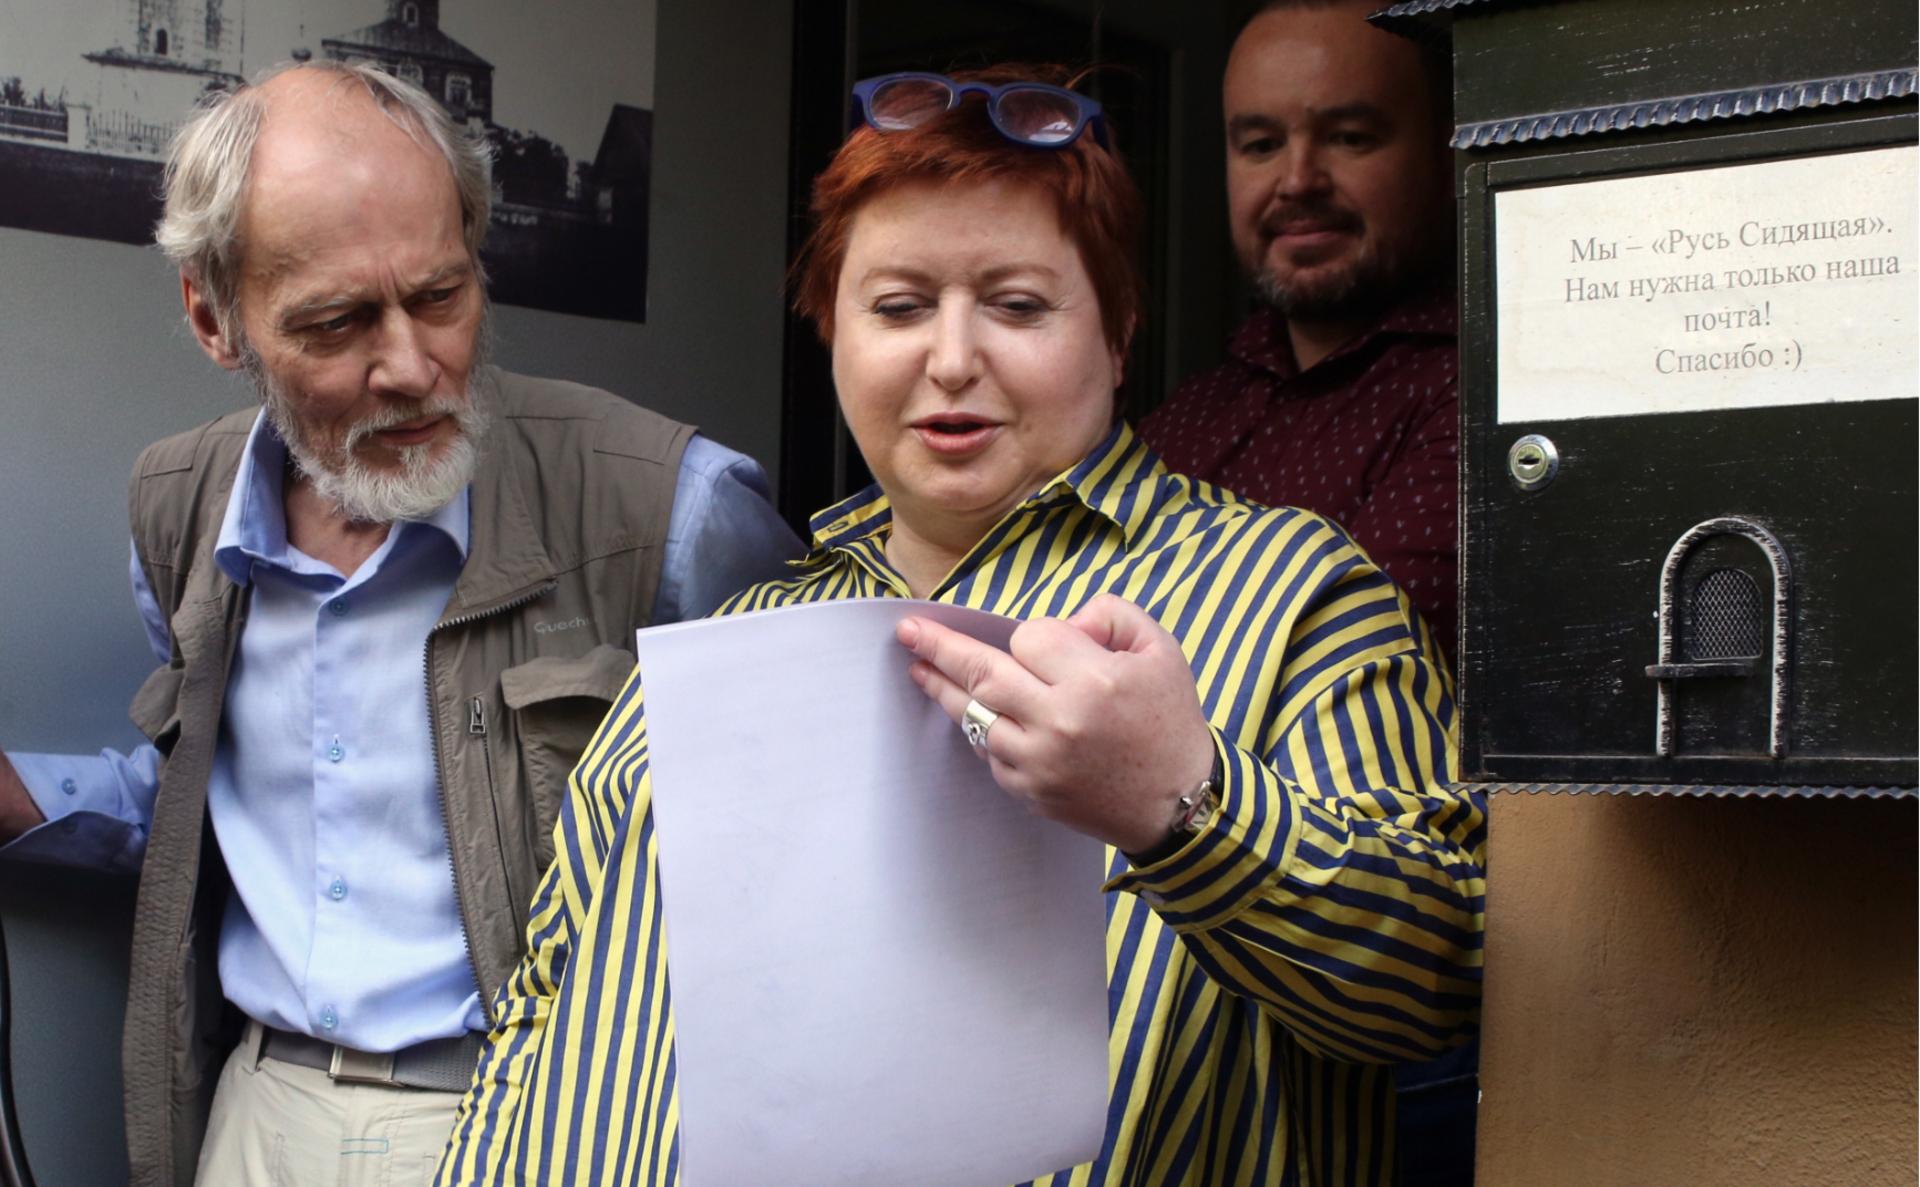 Ольга Романова увхода в офис организации «Русь сидящая»